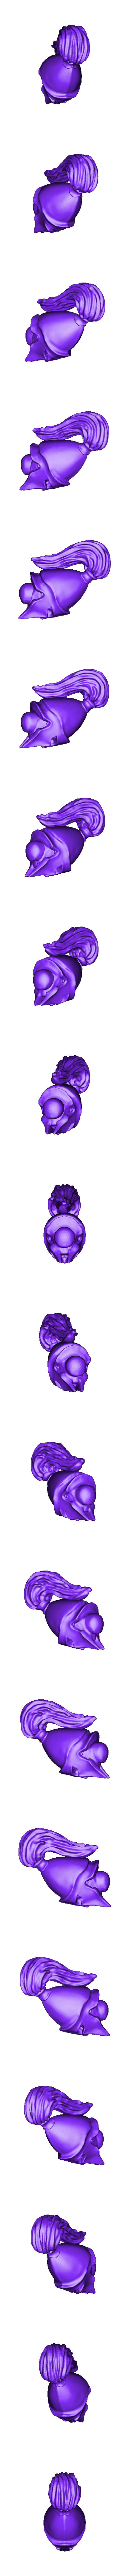 head_v4.stl Télécharger fichier STL gratuit Infatrie des elfes / Miniatures des lanciers • Plan imprimable en 3D, Ilhadiel